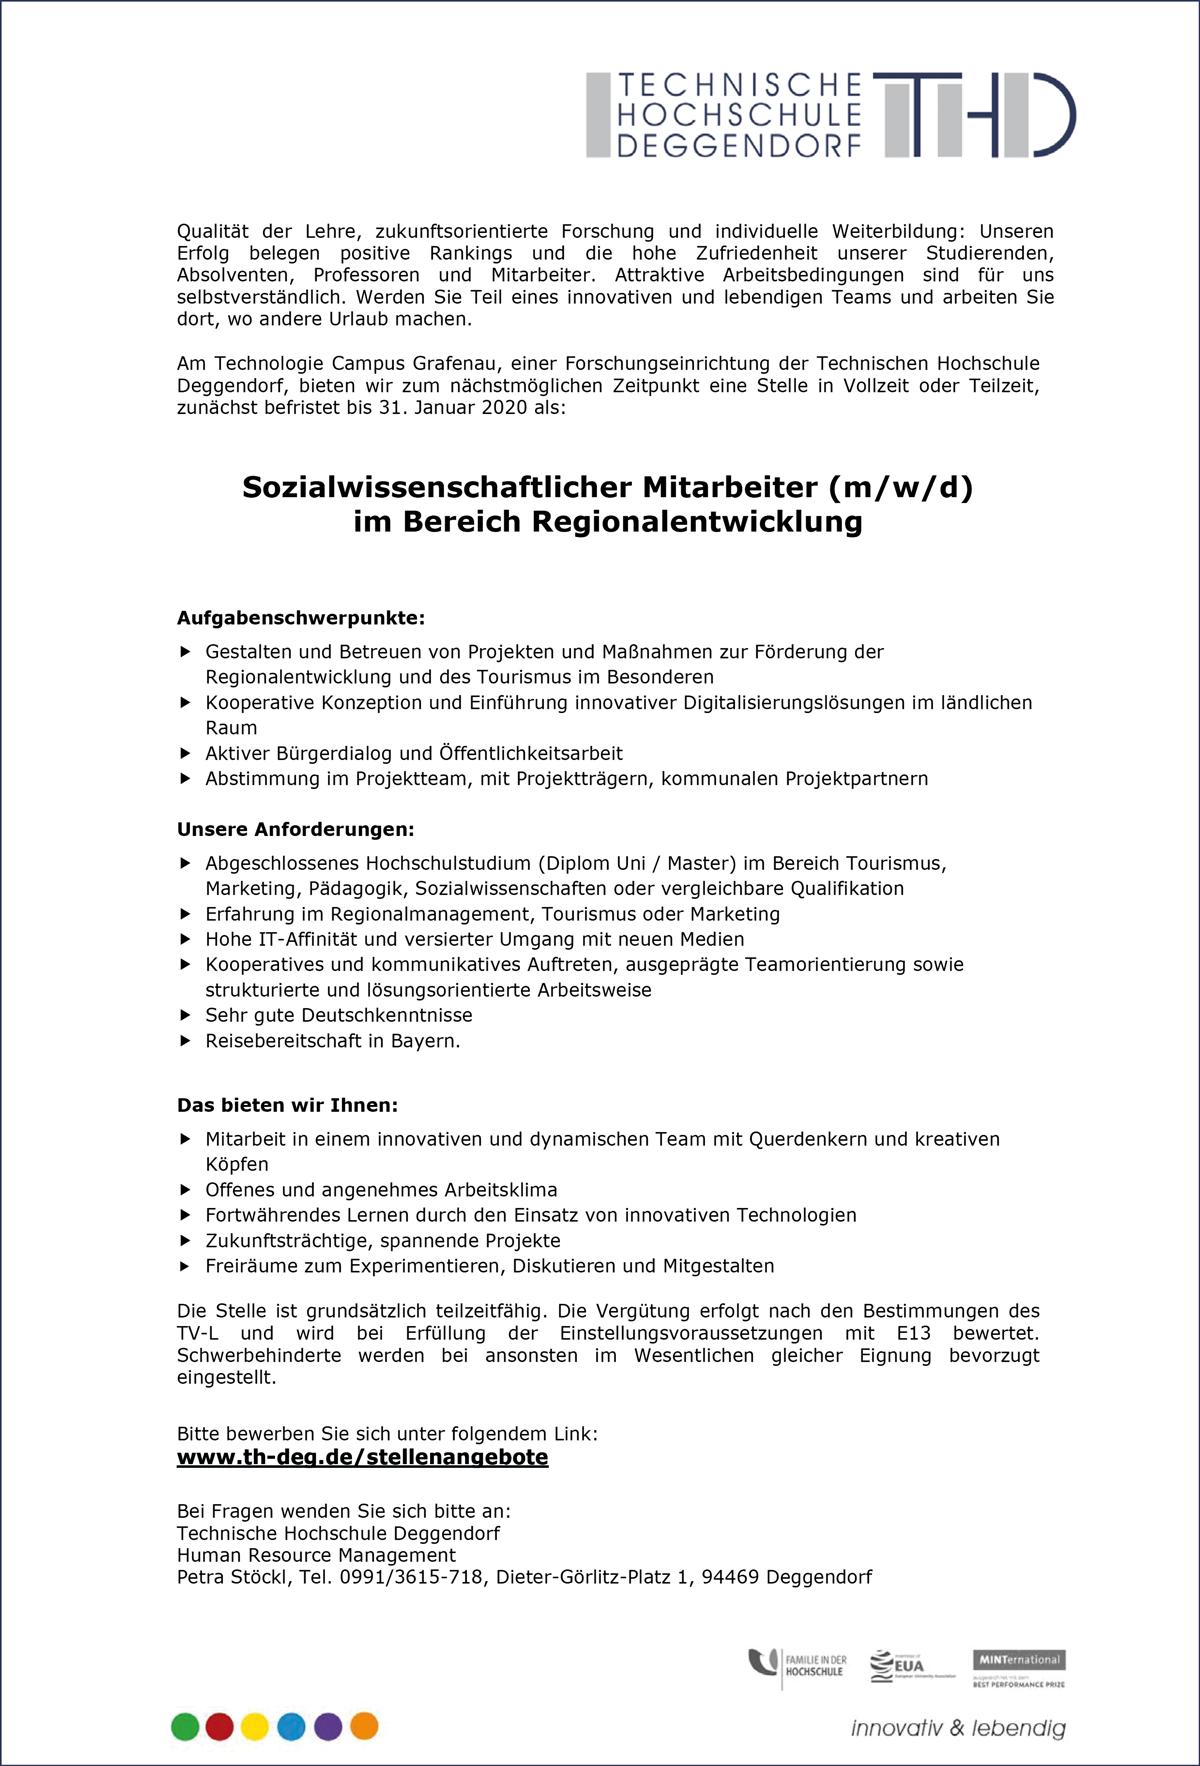 Sozialwissenschaftlicher Mitarbeiter m/w/d  im Bereich Regionalentwicklung  am Technologie Campus Grafenau - THD-Technische Hochschule Deggendorf - in Deggendorf - stellenecho.de